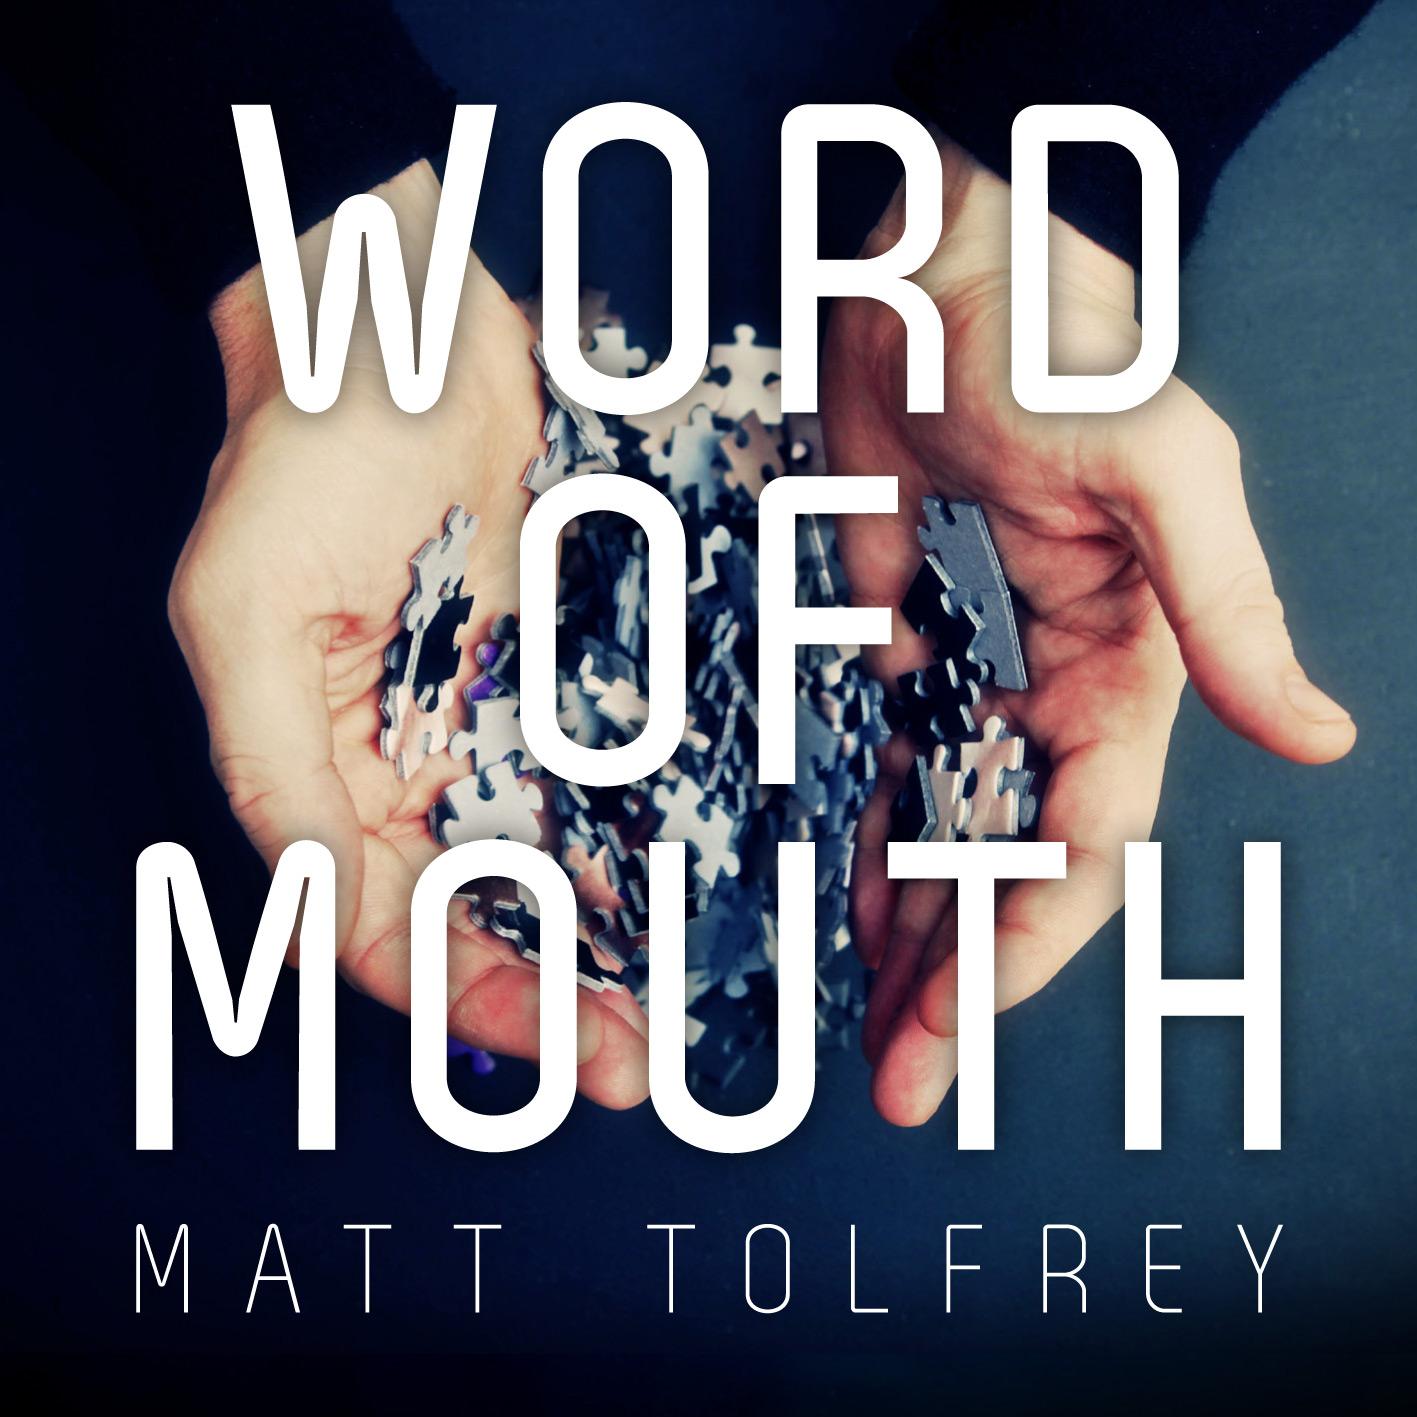 """Matt Tolfrey releast im Oktober sein Debütalbum """"Word of Mouth"""" auf Leftroom"""